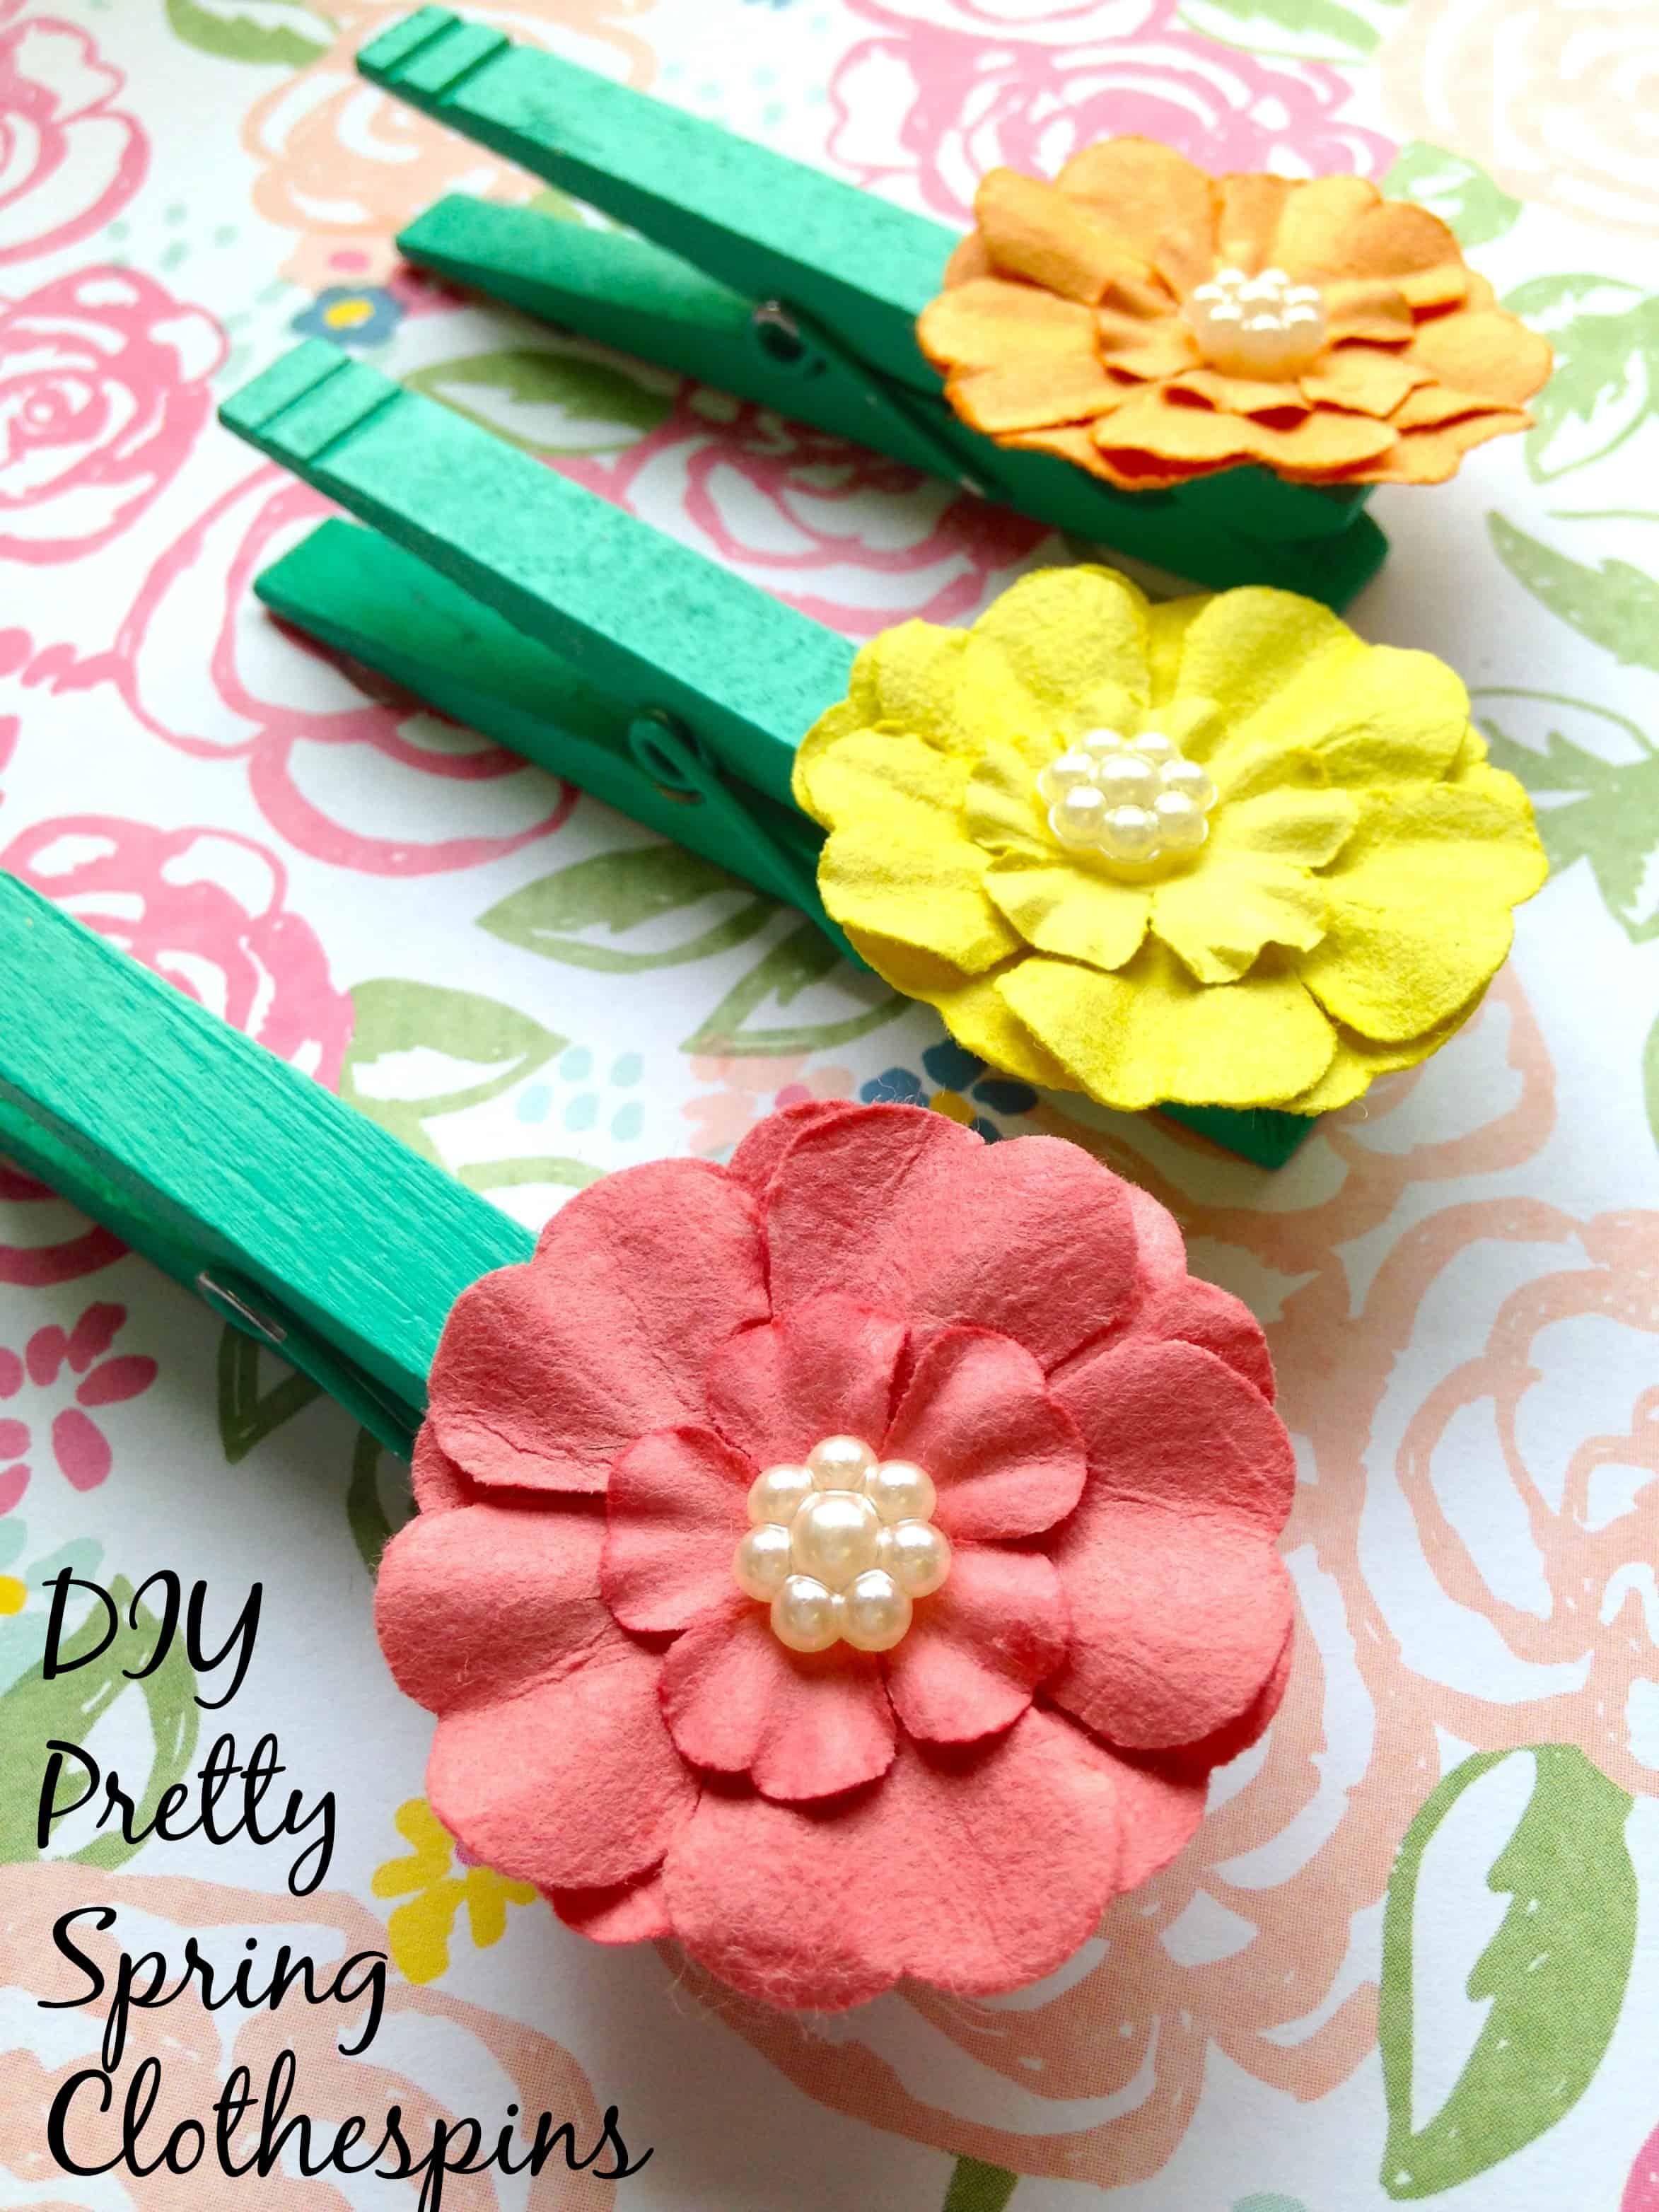 DIY Home Decor Spring Clothespins